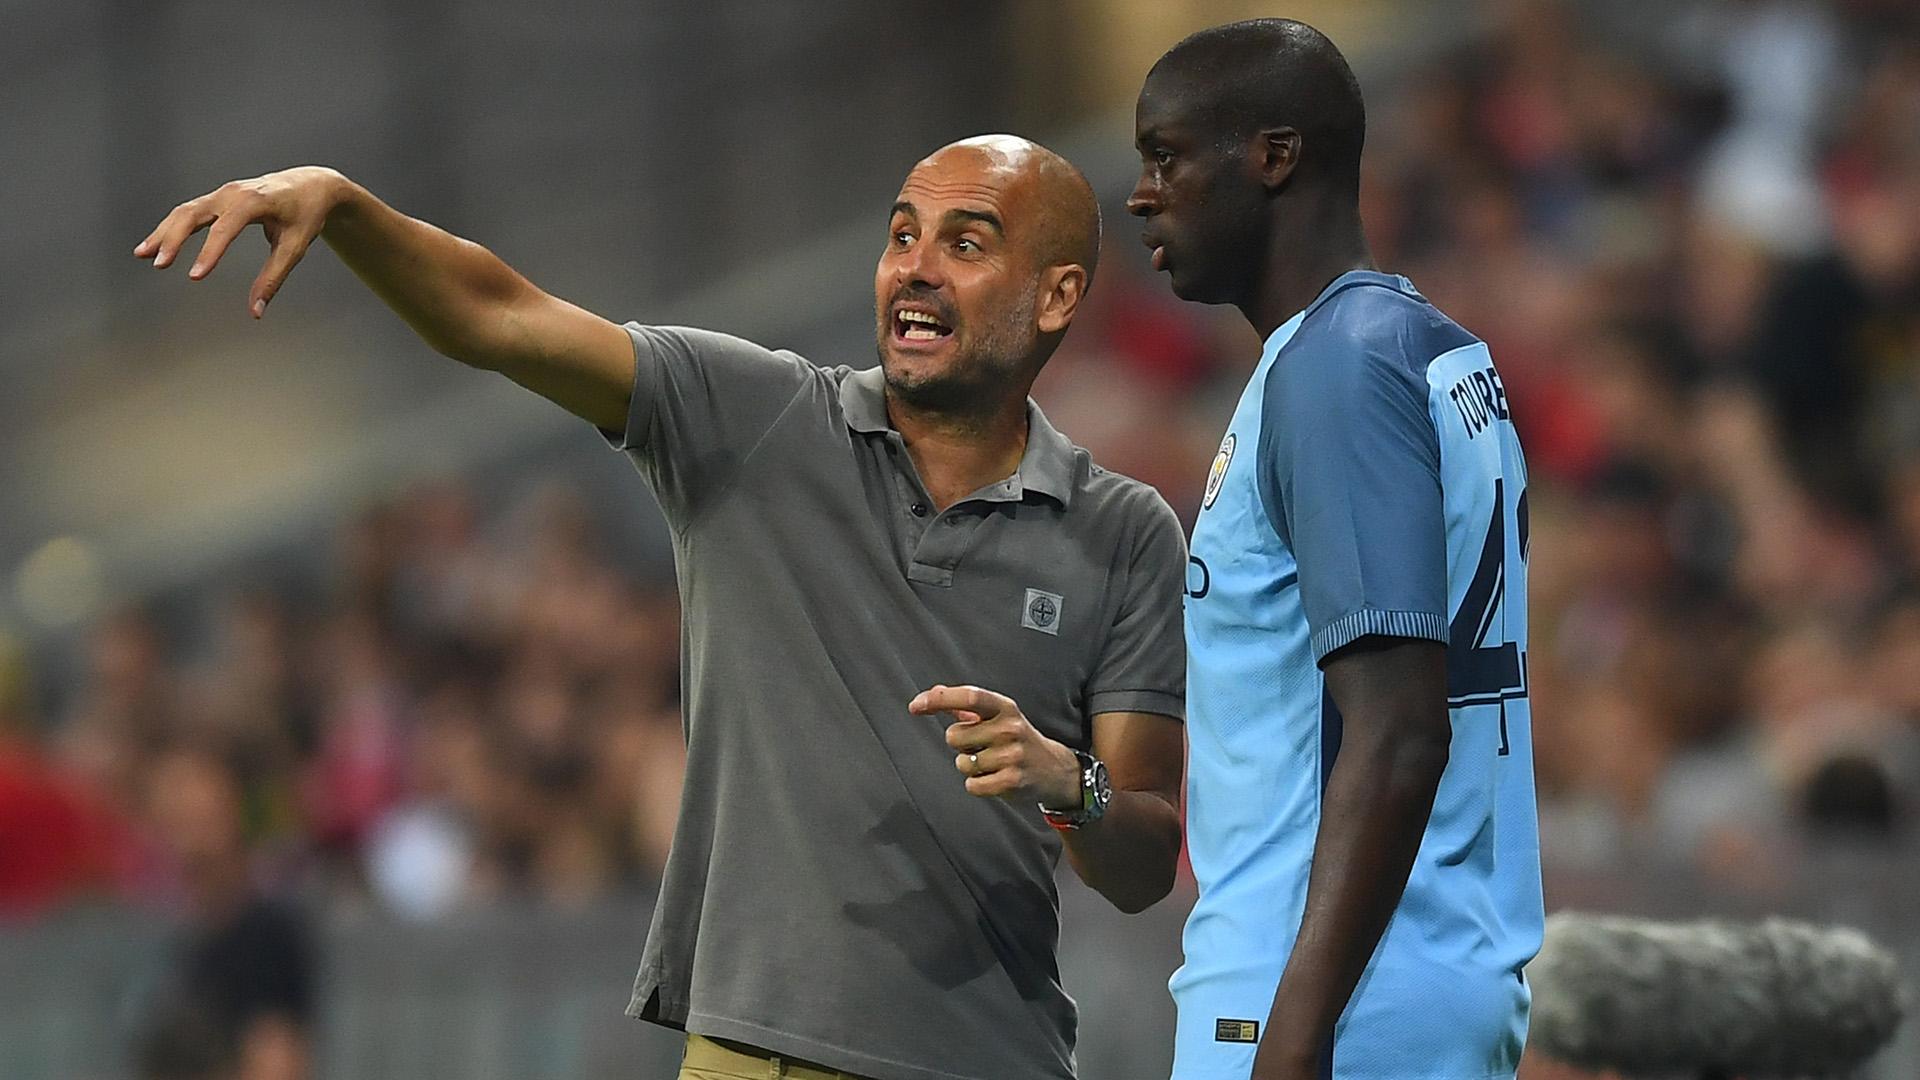 Calcio, Champions League: sorteggio del play off (LIVE)